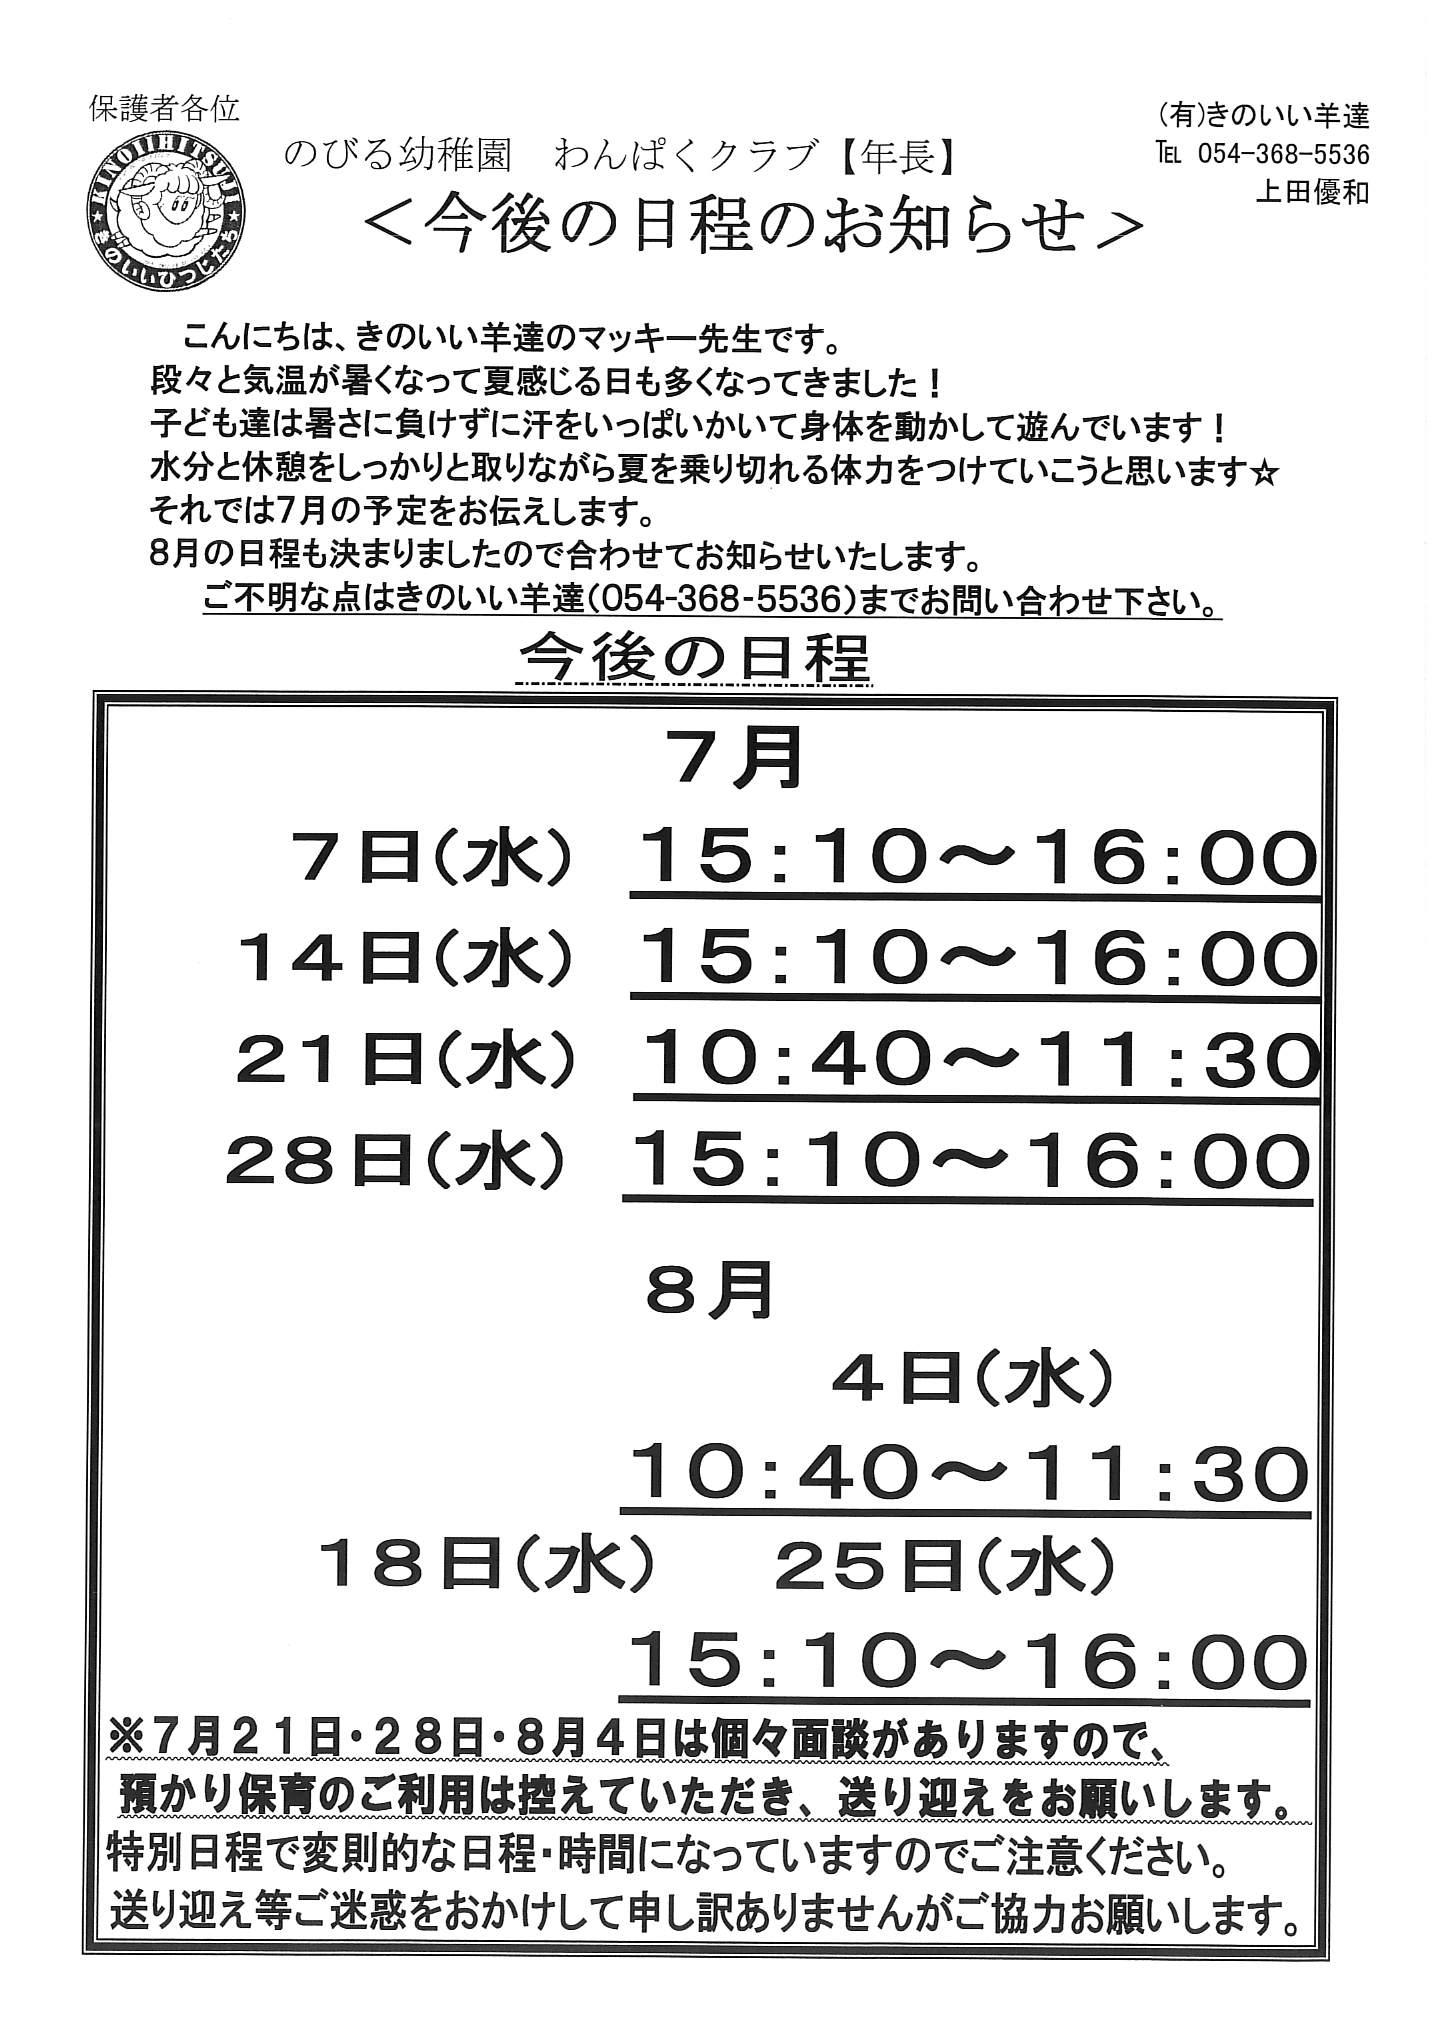 三島 のびる幼稚園(長)